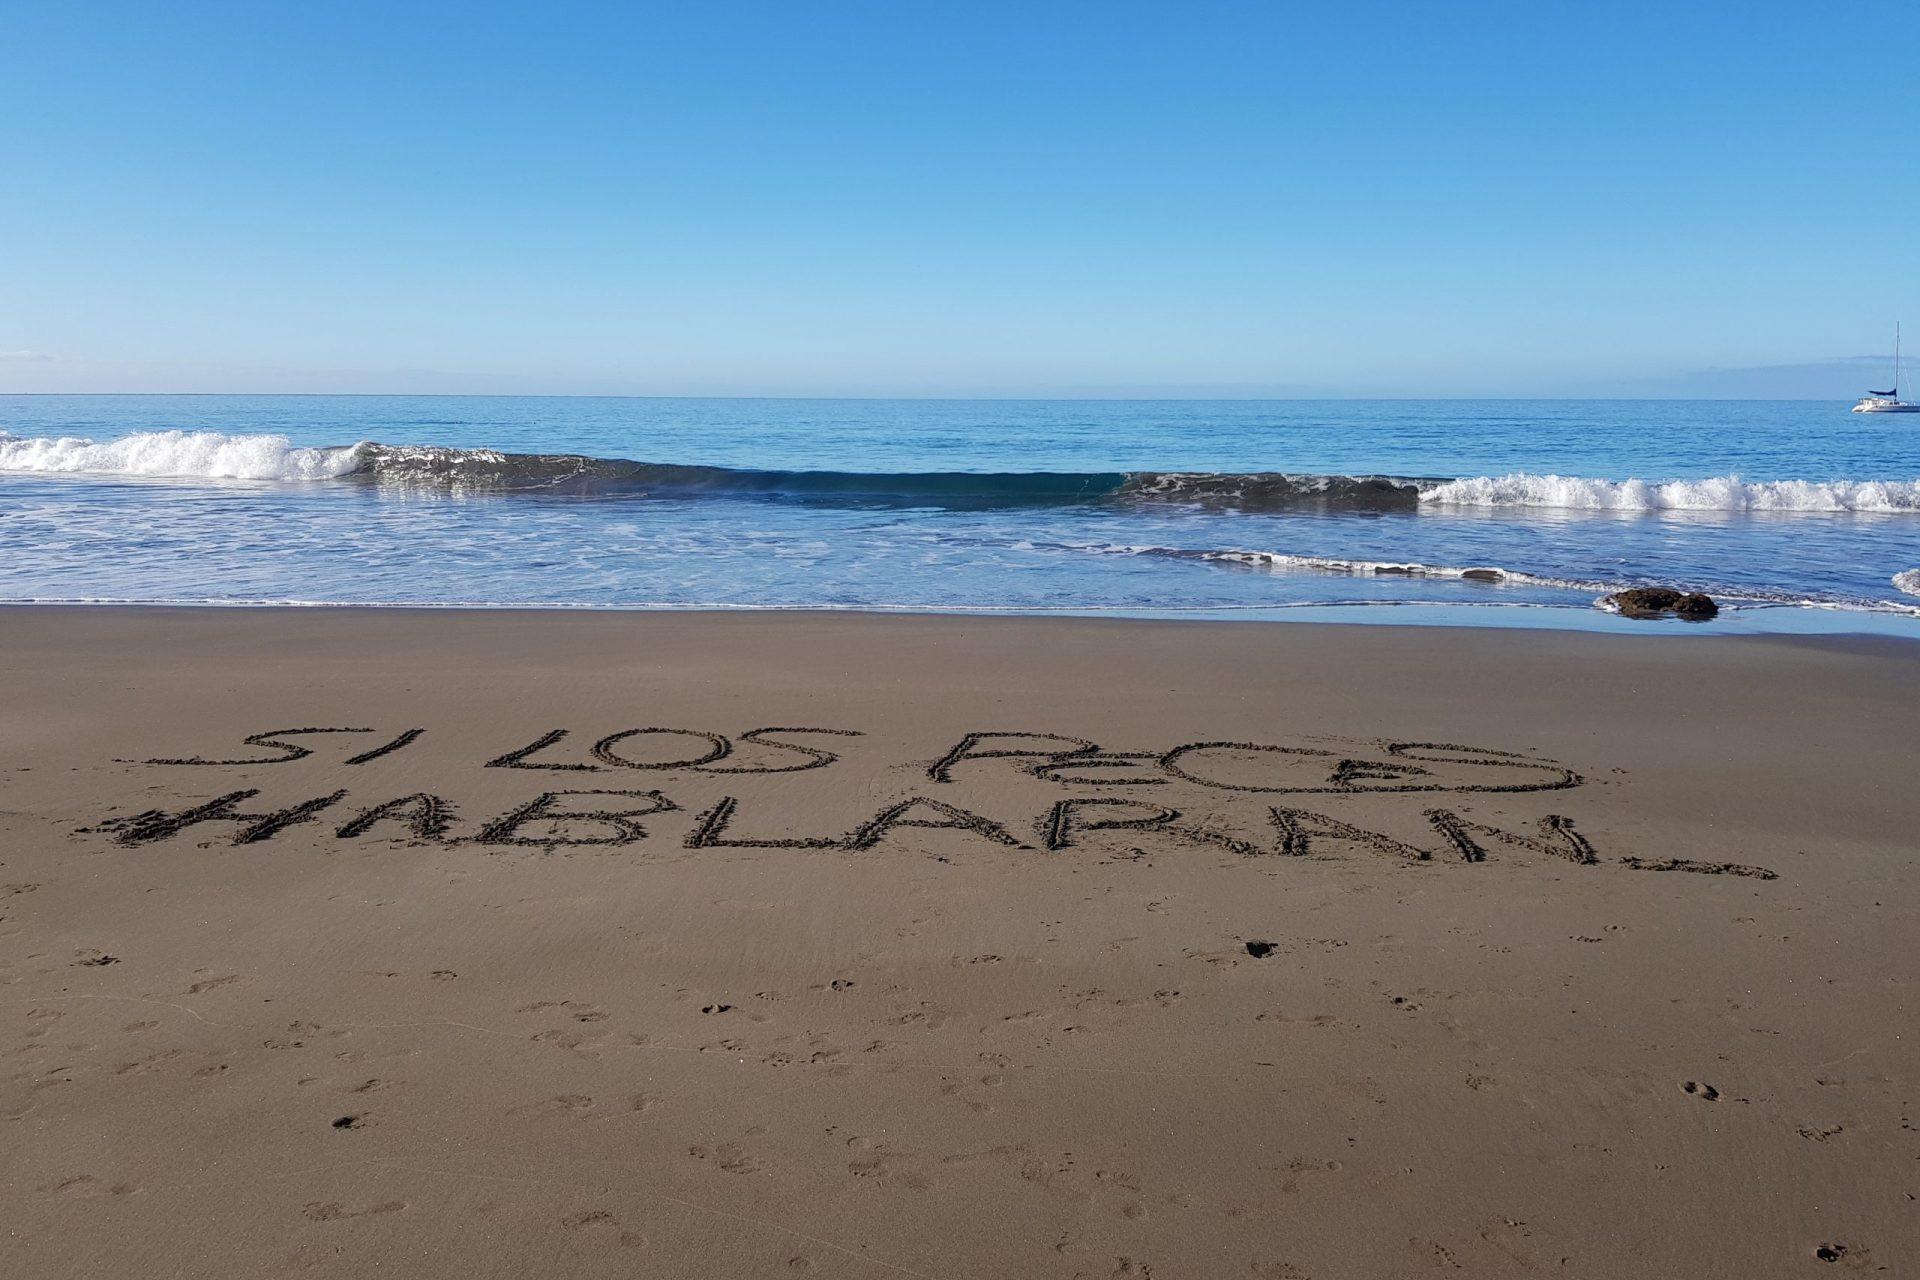 Foto en la playa de Patalavaca de una ola acercándose a la orilla donde en la arena está escrito